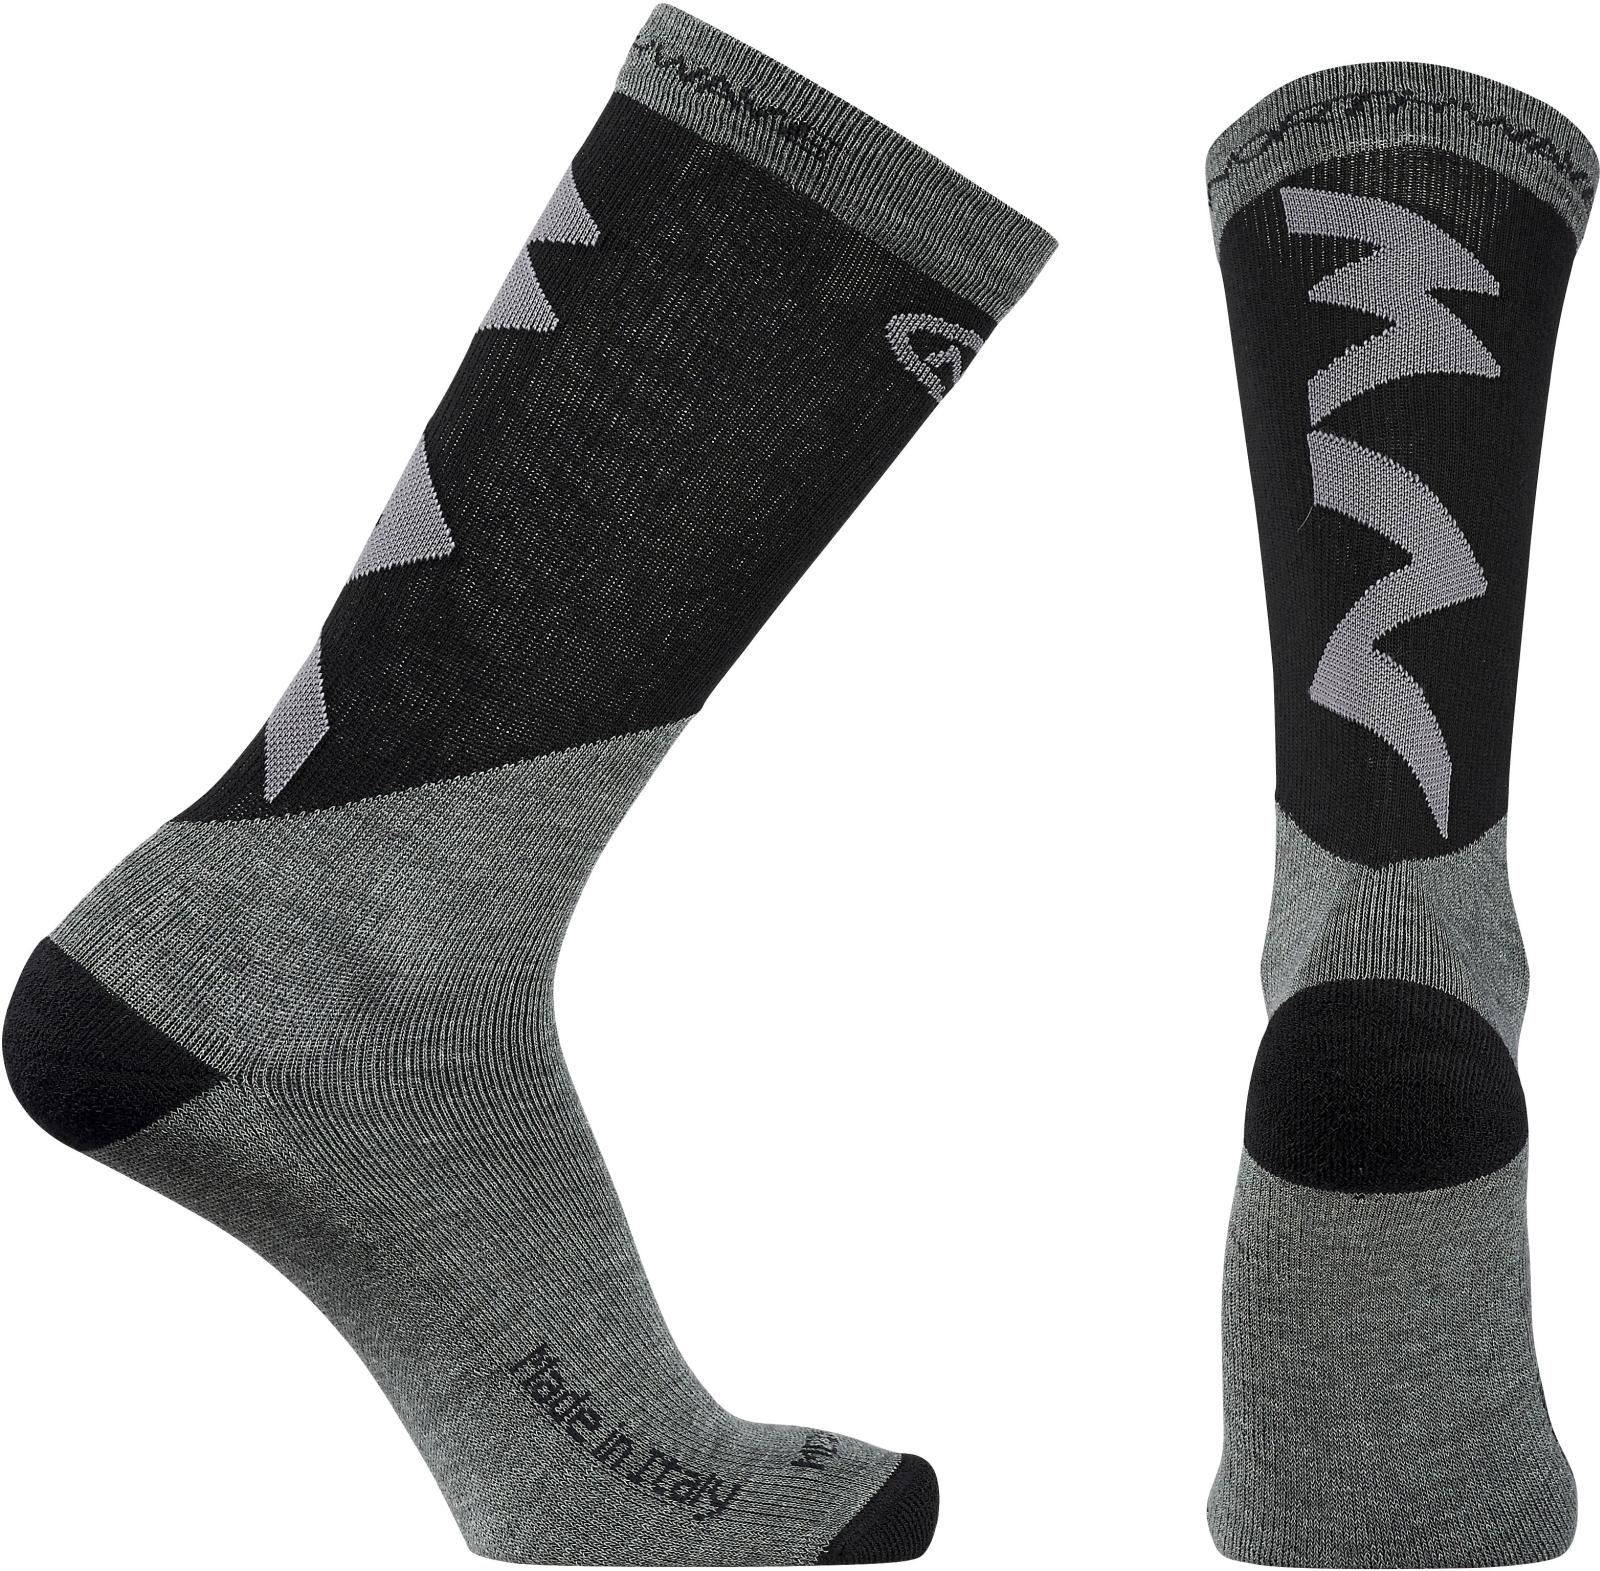 Northwave Extreme Pro High Socks - grey melange black L ba85d0019e